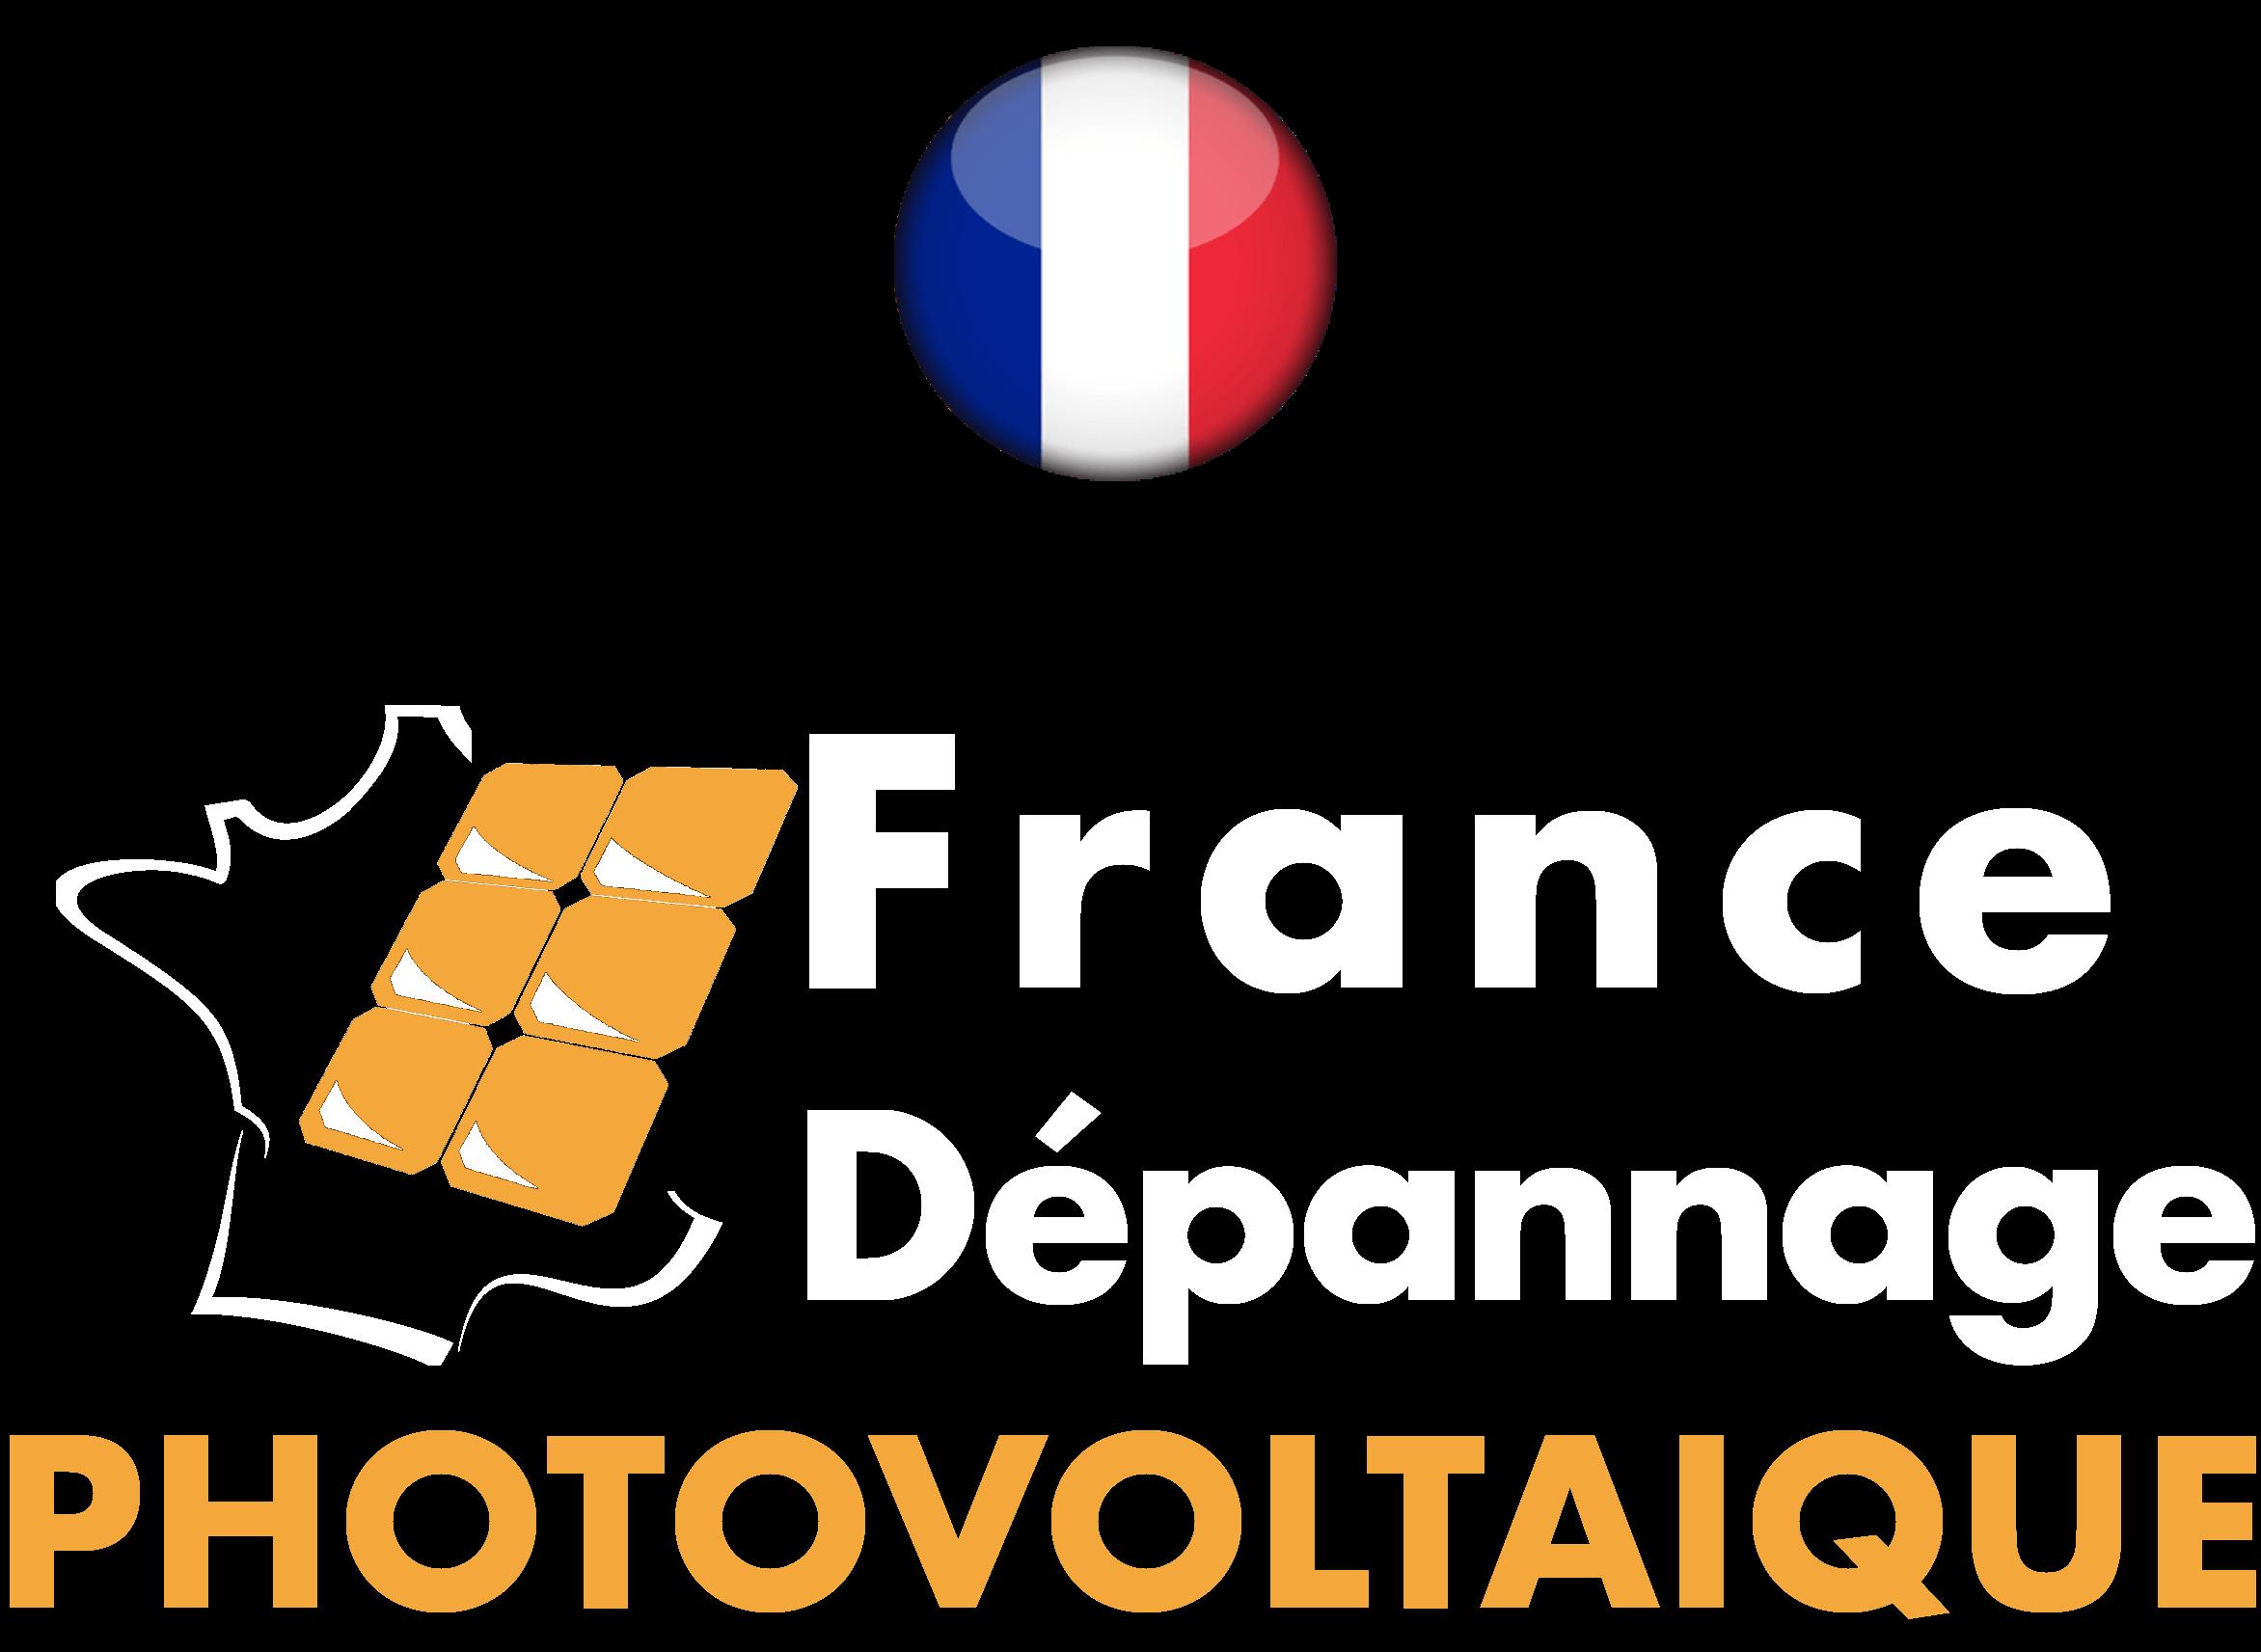 France Dépannage Photovoltaique